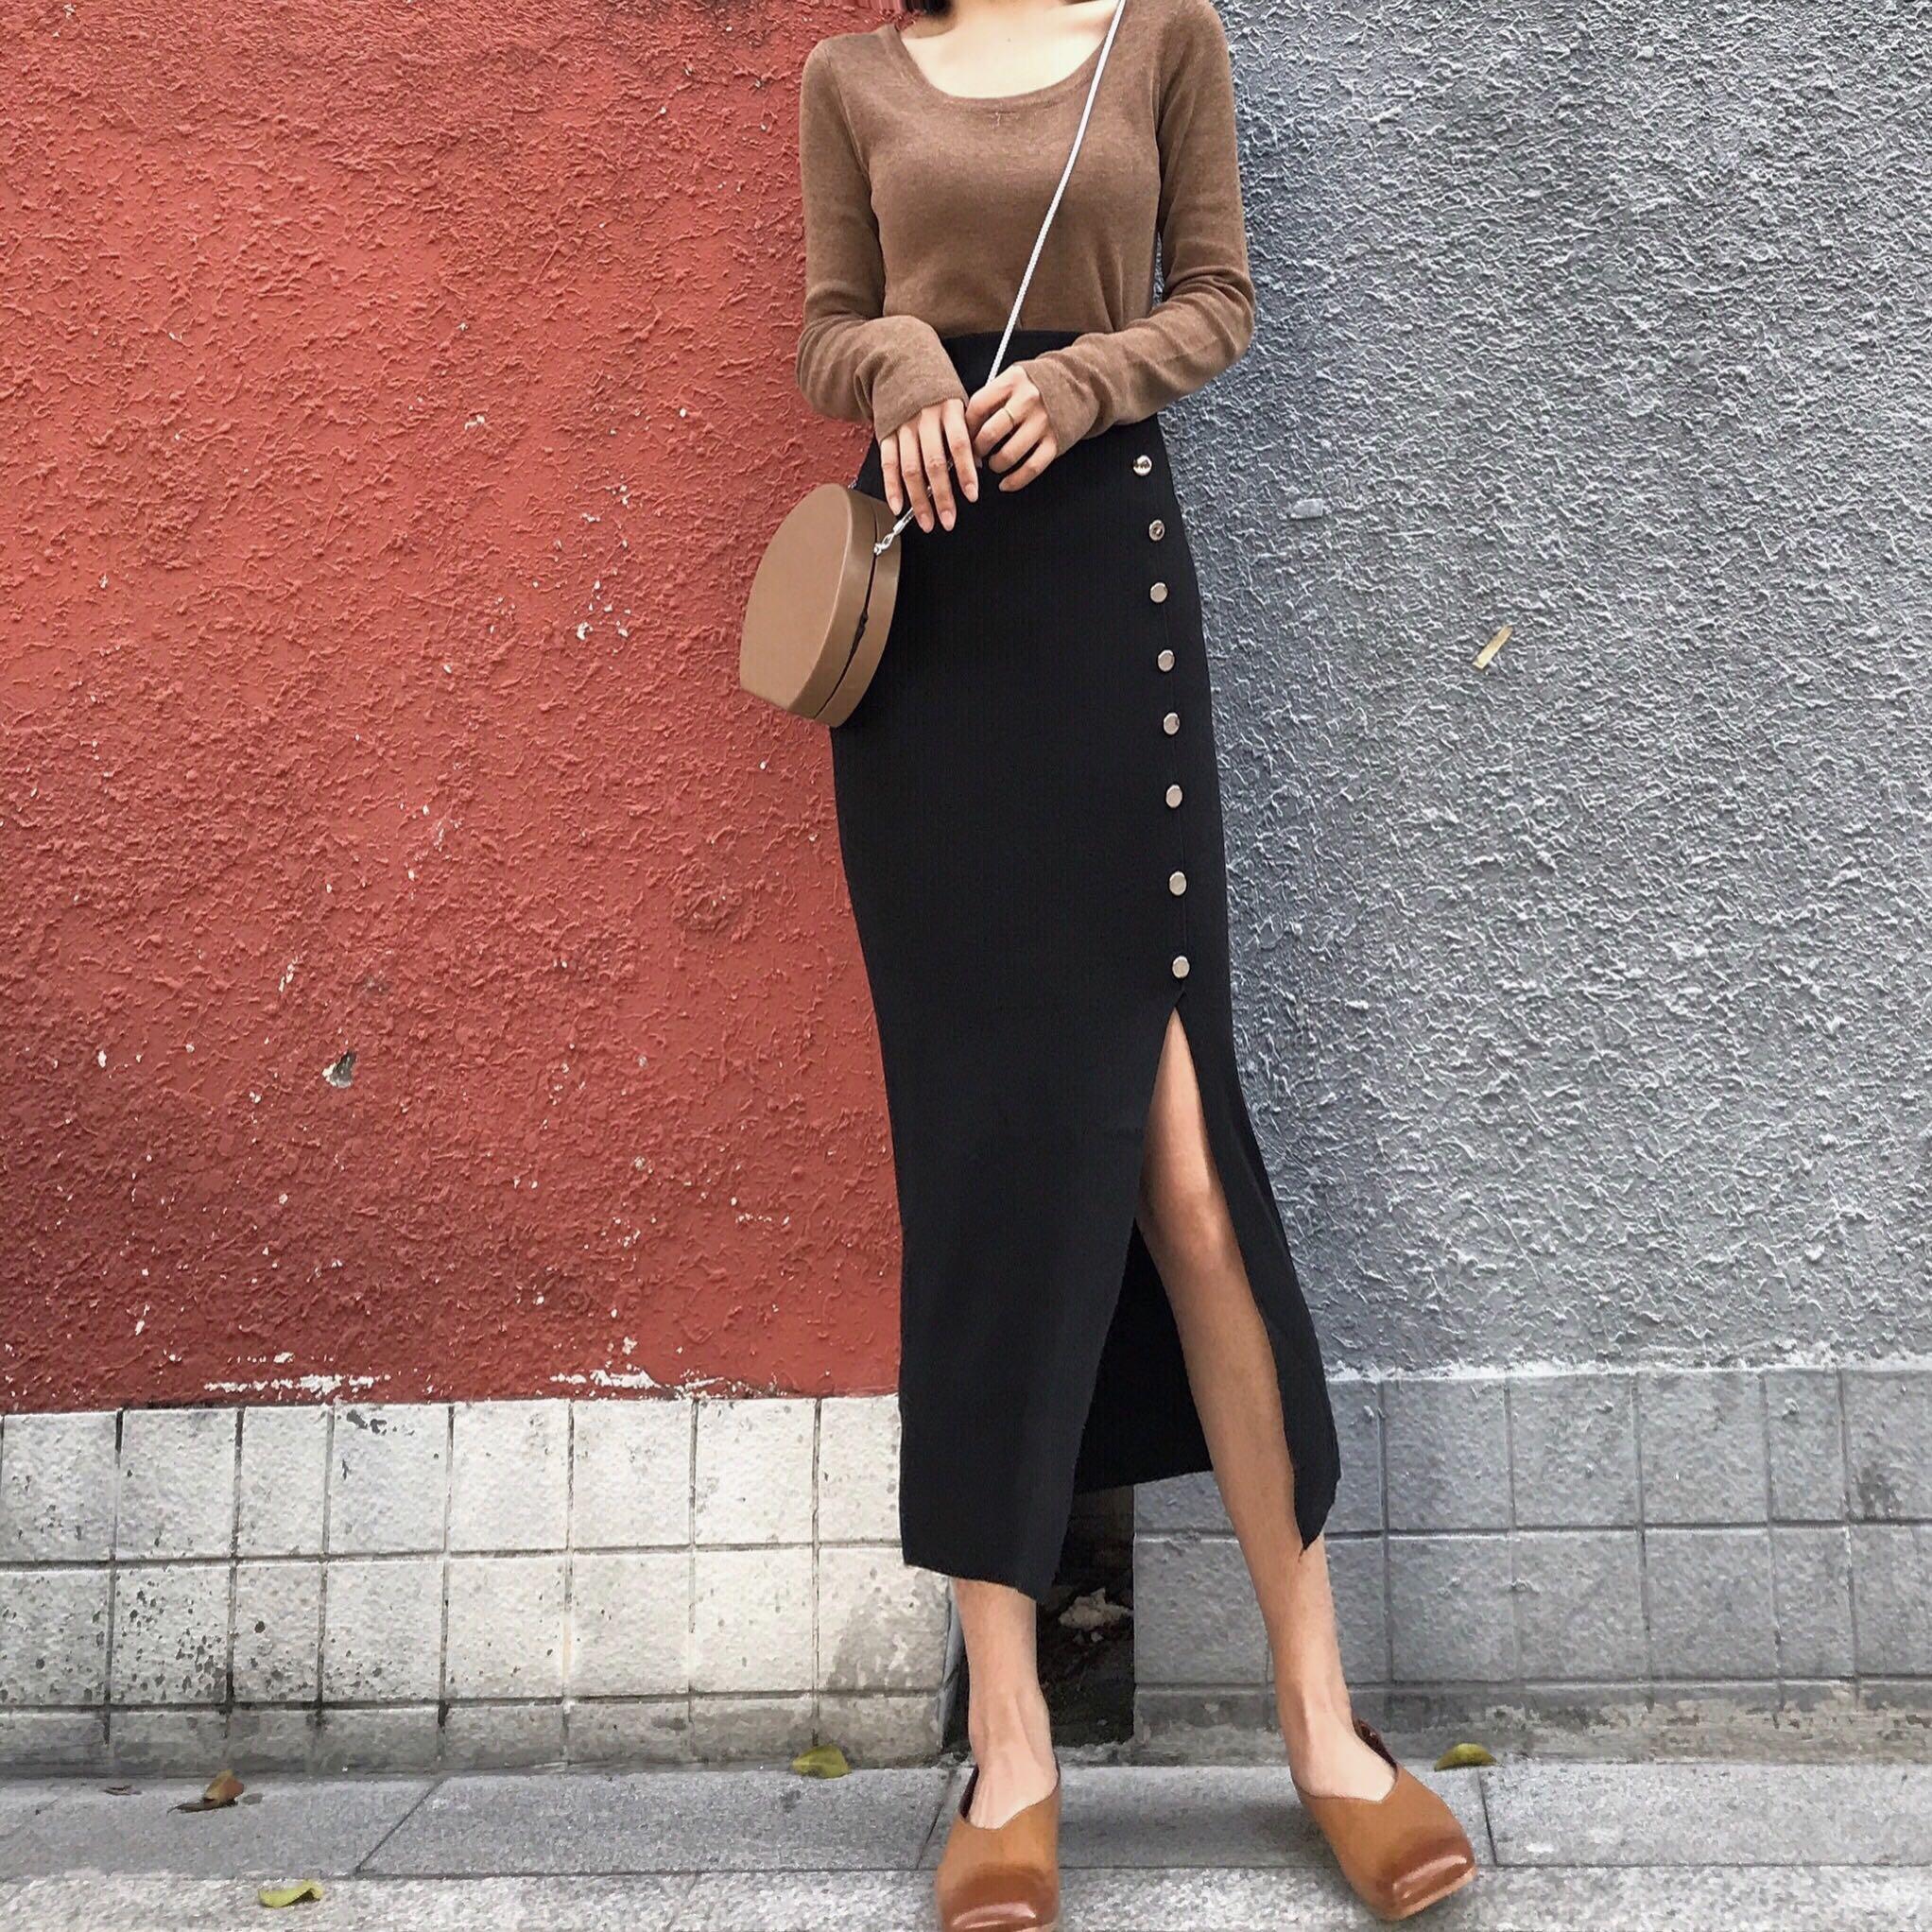 韓風Chic秋鼕高腰修身顯瘦針織半身裙一排扣開叉包臀中長打底裙女